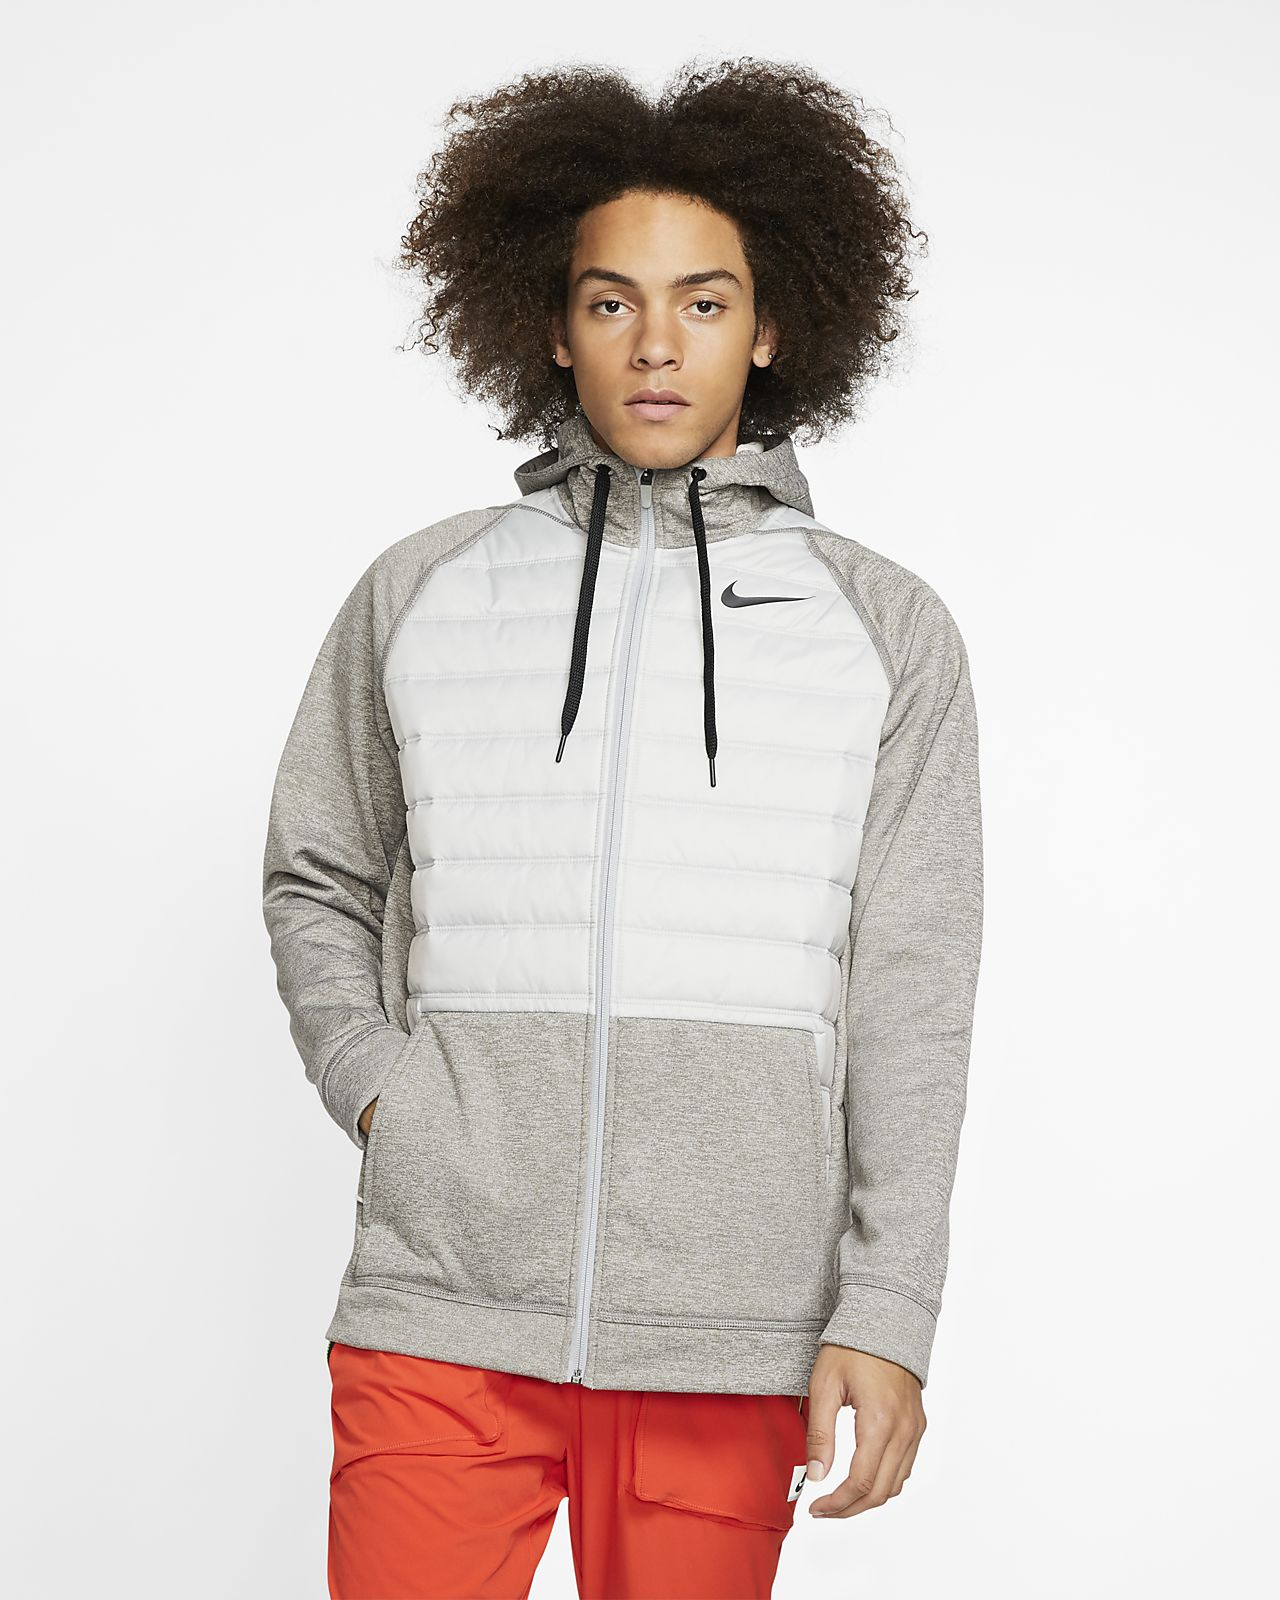 Nike Therma winterfester Trainings Hoodie mit durchgehendem Reißverschluss für Herren